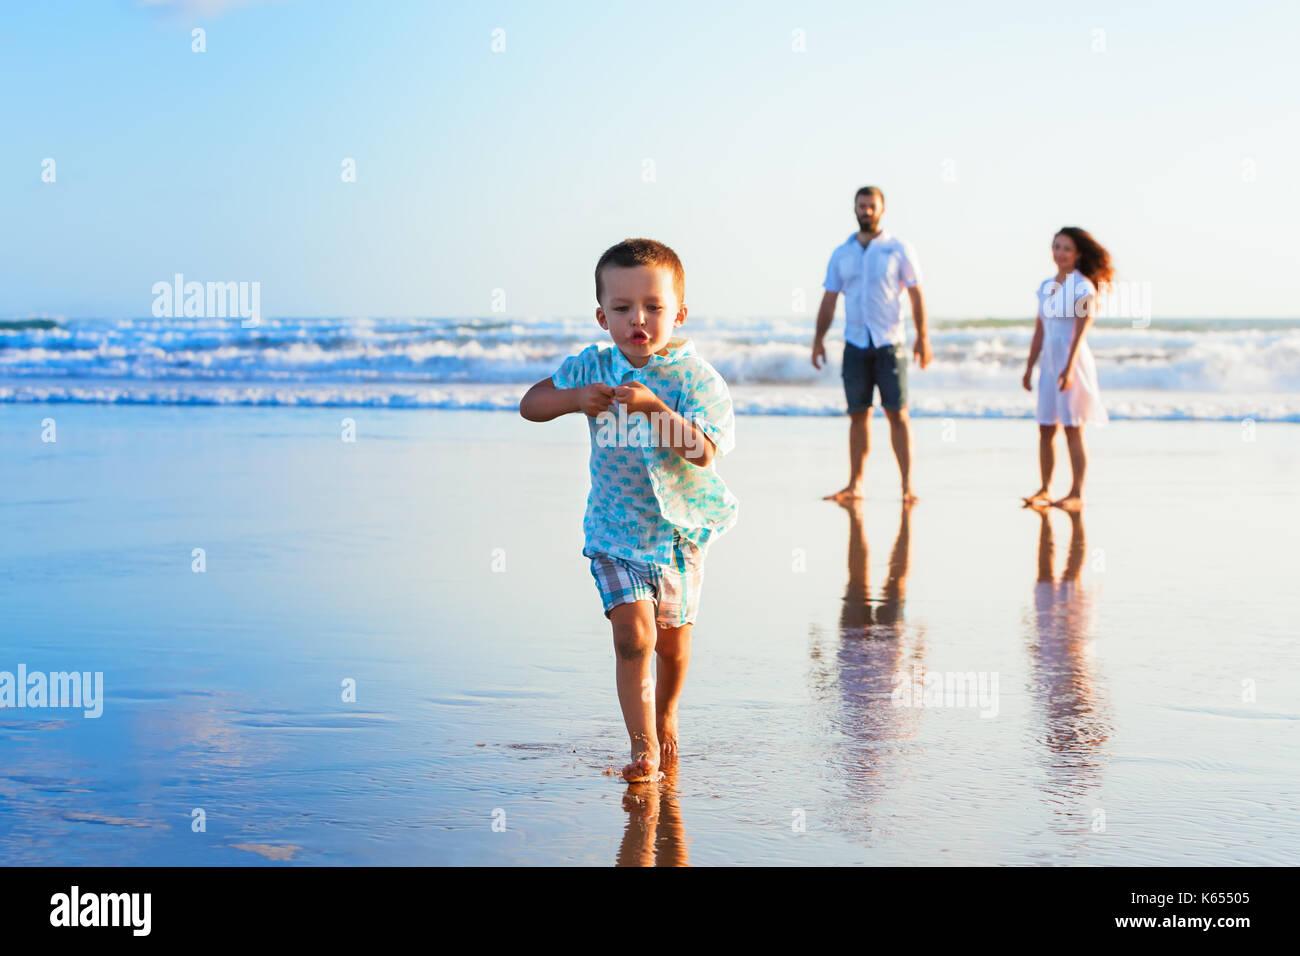 La famiglia felice - padre, madre, figlio bambino divertirsi insieme, bambino correre con spruzzi di acqua piscina lungo sunset sea surf sulla spiaggia di sabbia nera. Viaggio di LIF Immagini Stock